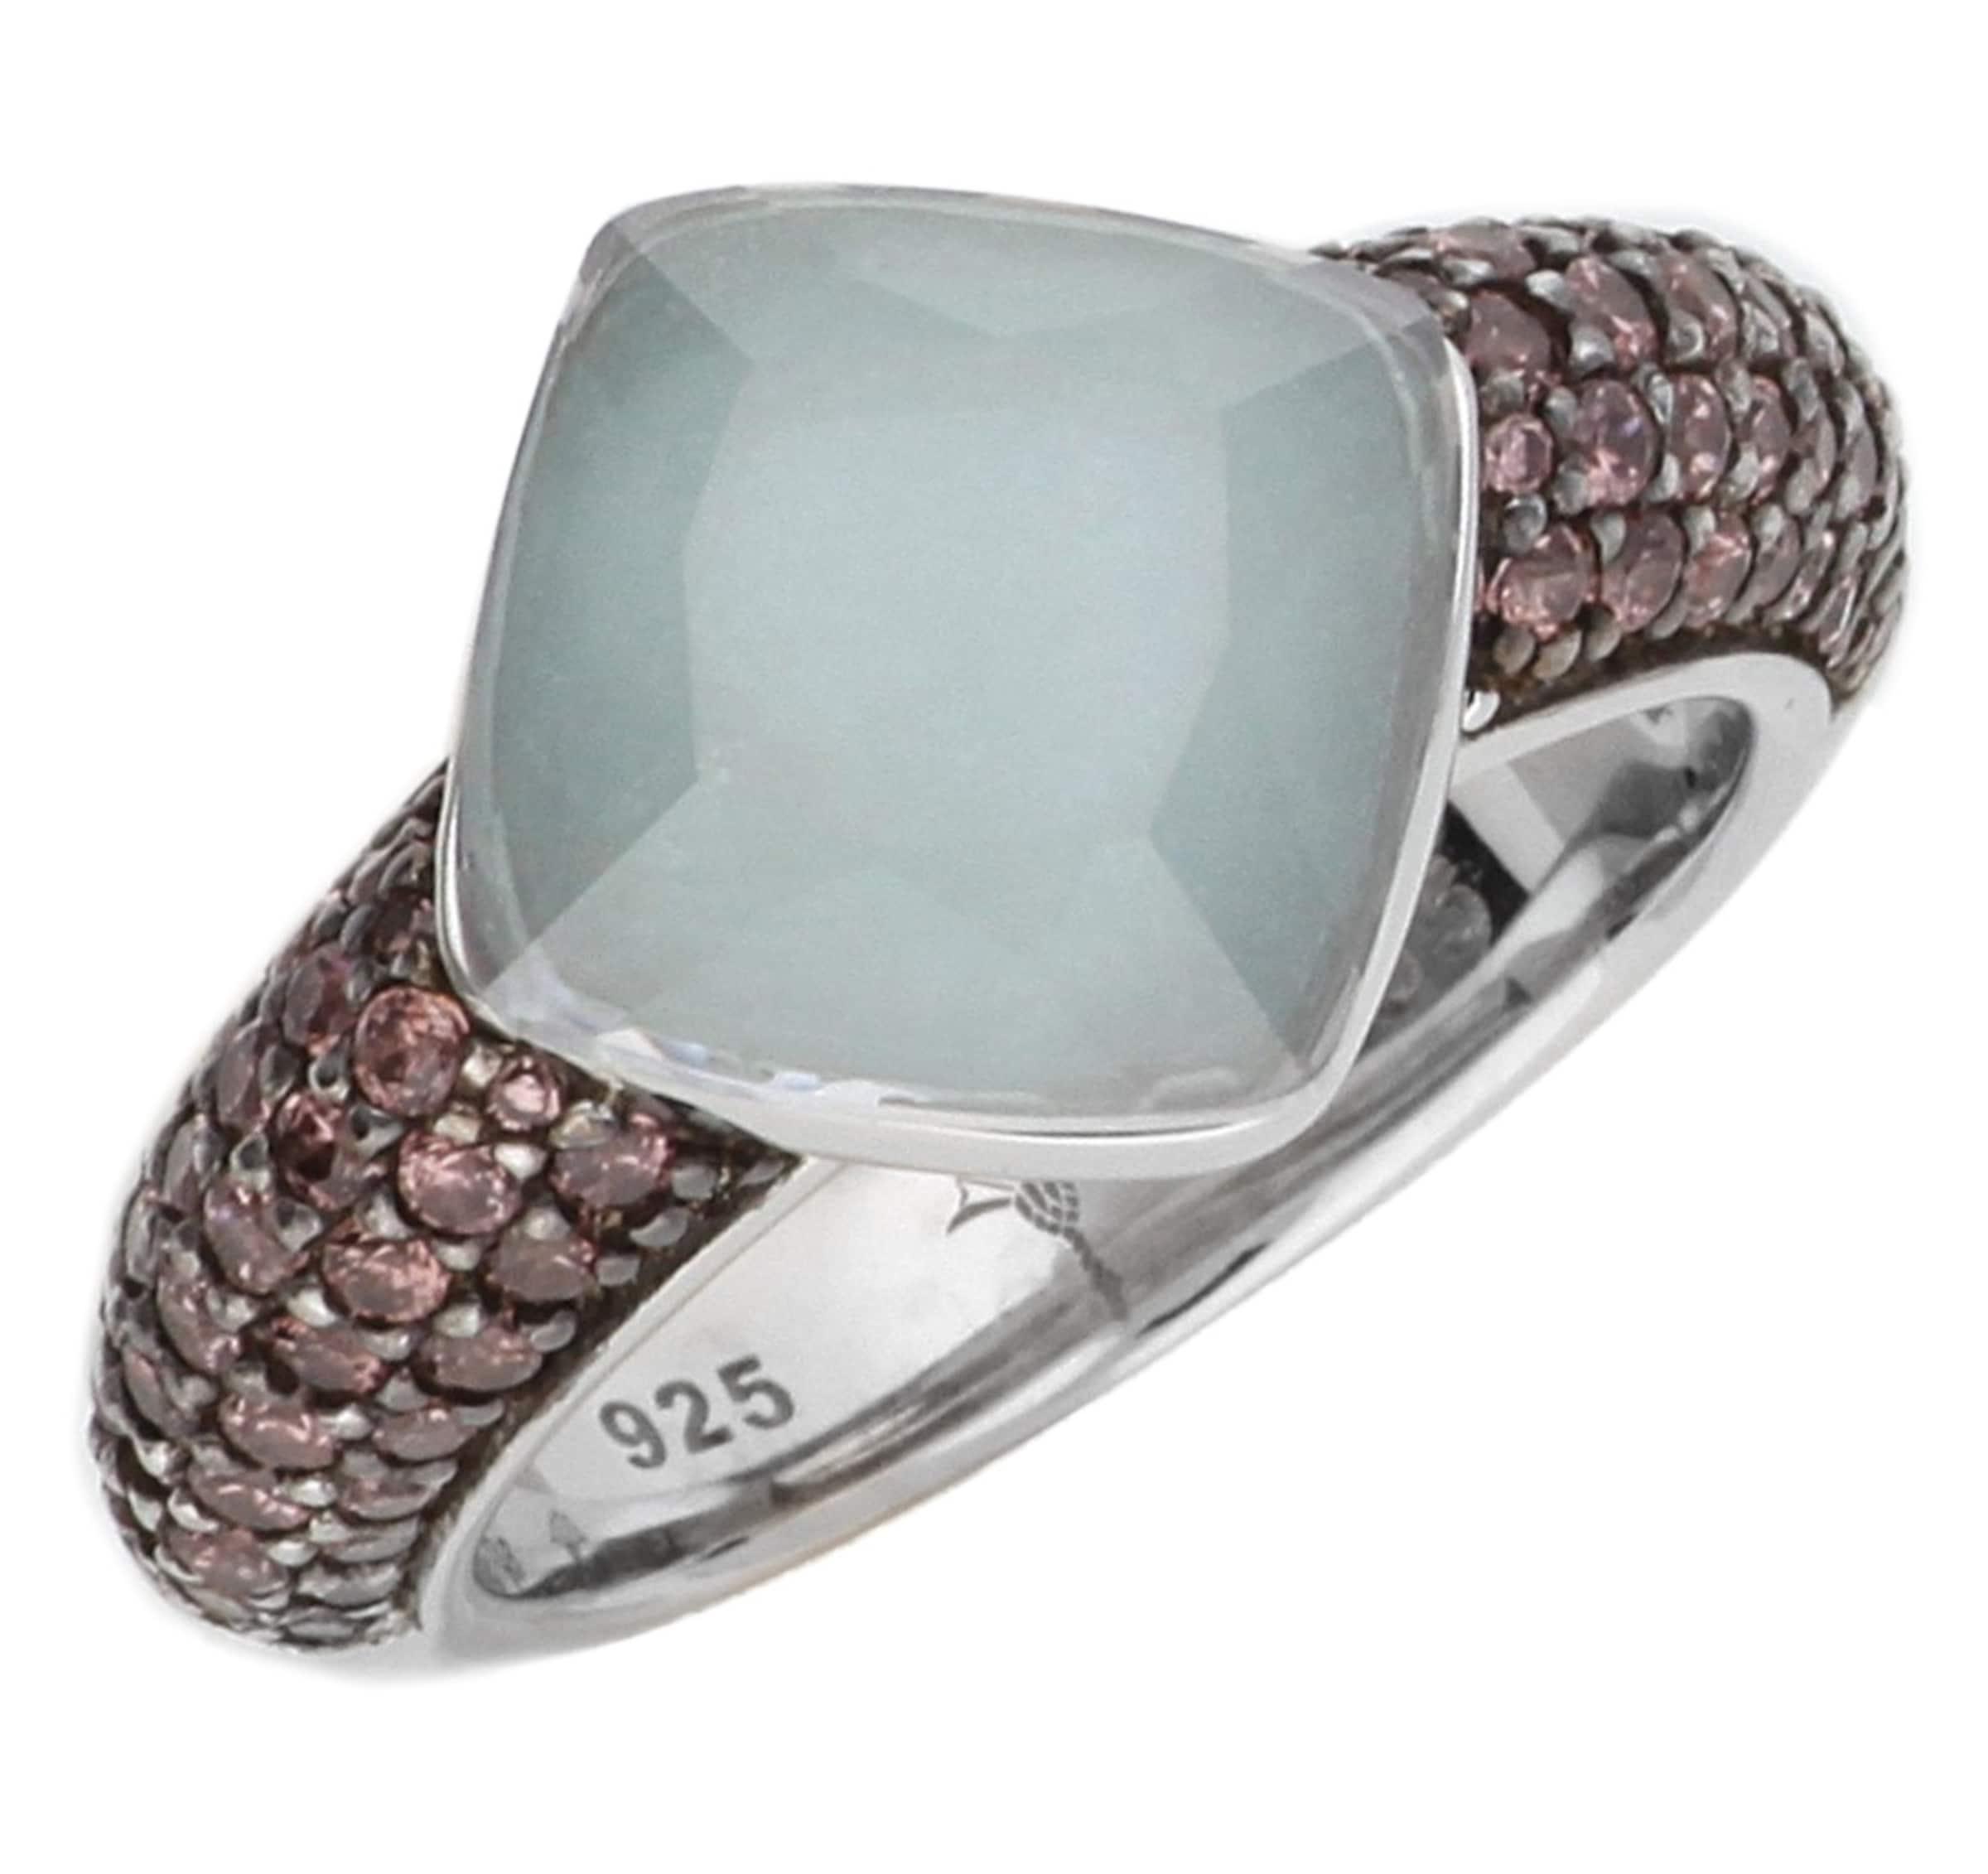 Genießen Sie Online JOOP! Fingerring Silber Türkis Kirsten JPRG90657A Geringster Preis Durchsuchen Verkauf Online Auslass Extrem Schnelle Lieferung Günstiger Preis lzuxB